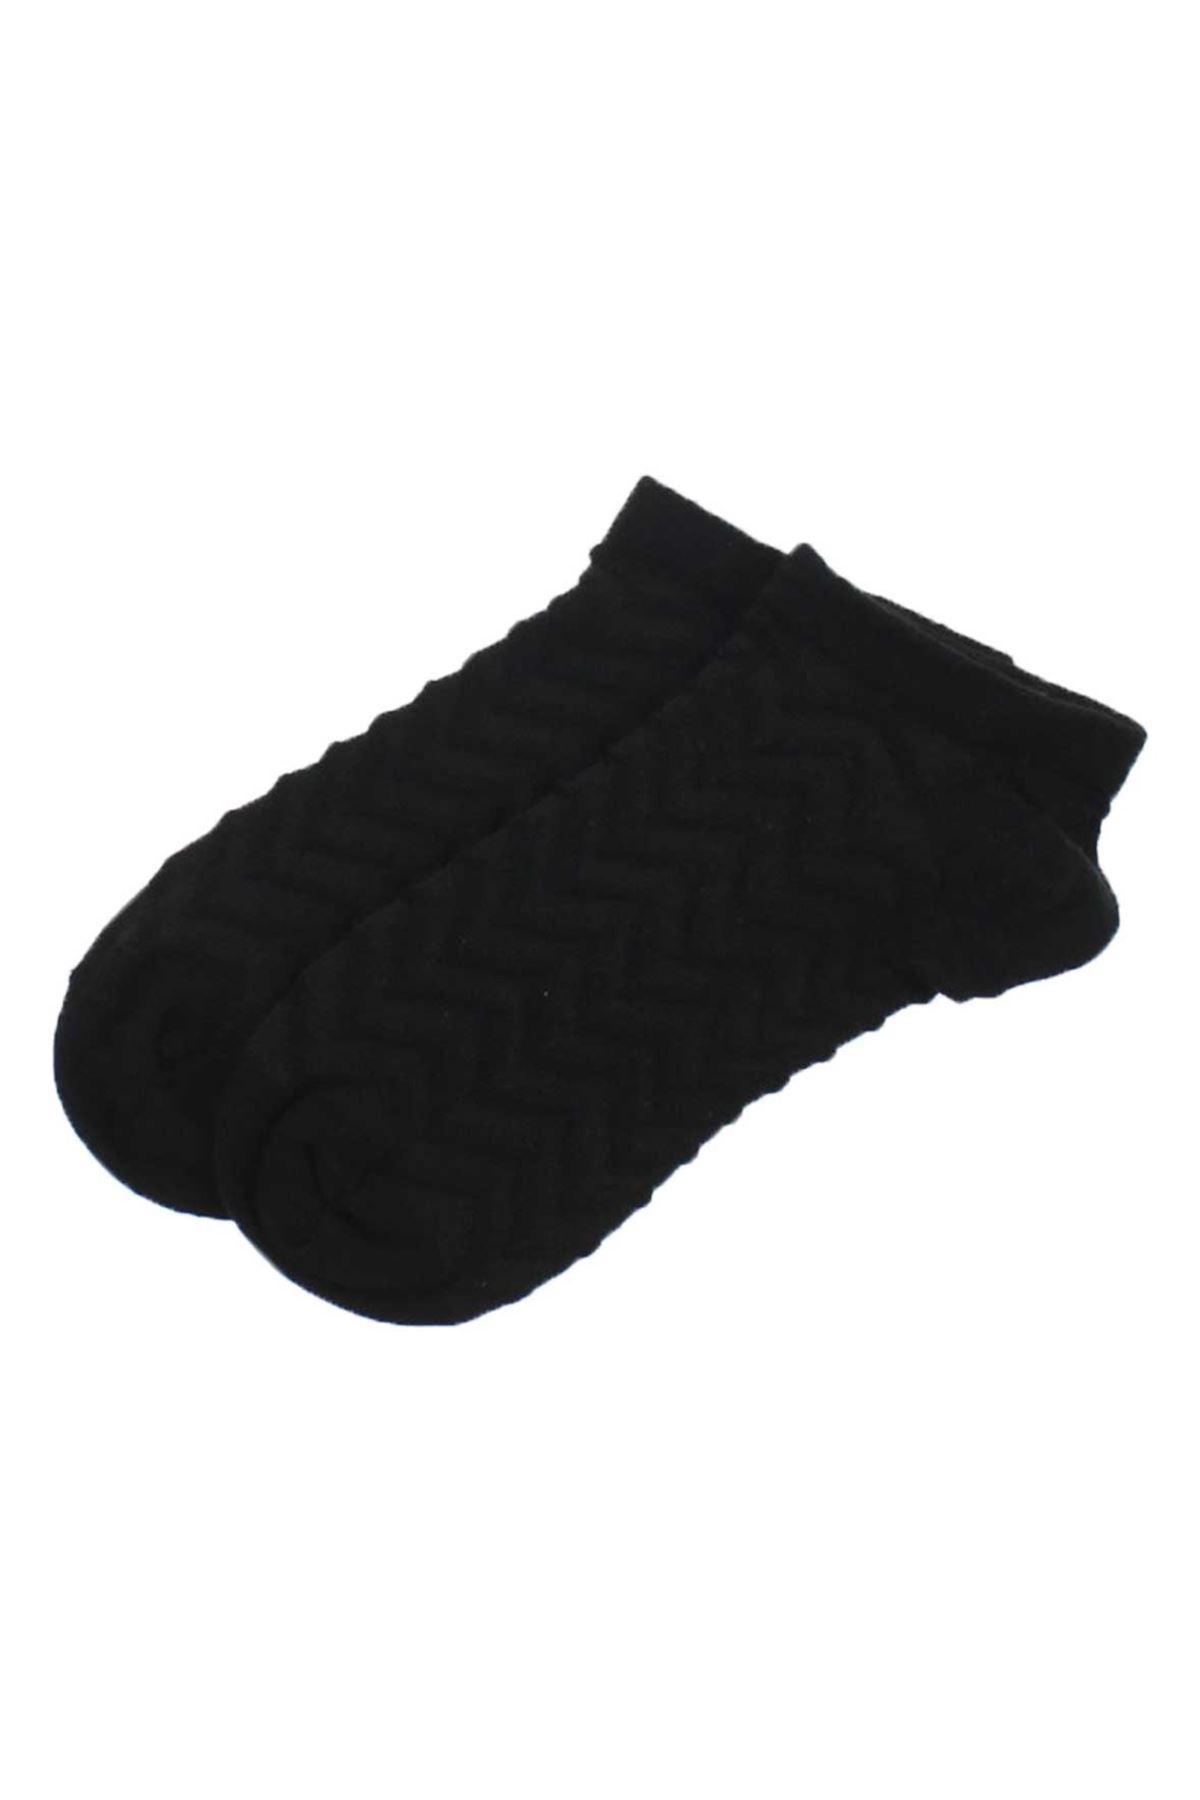 By Jawali Kadın Siyah Desenli Parfümlü Patik Çorap 065-491-038